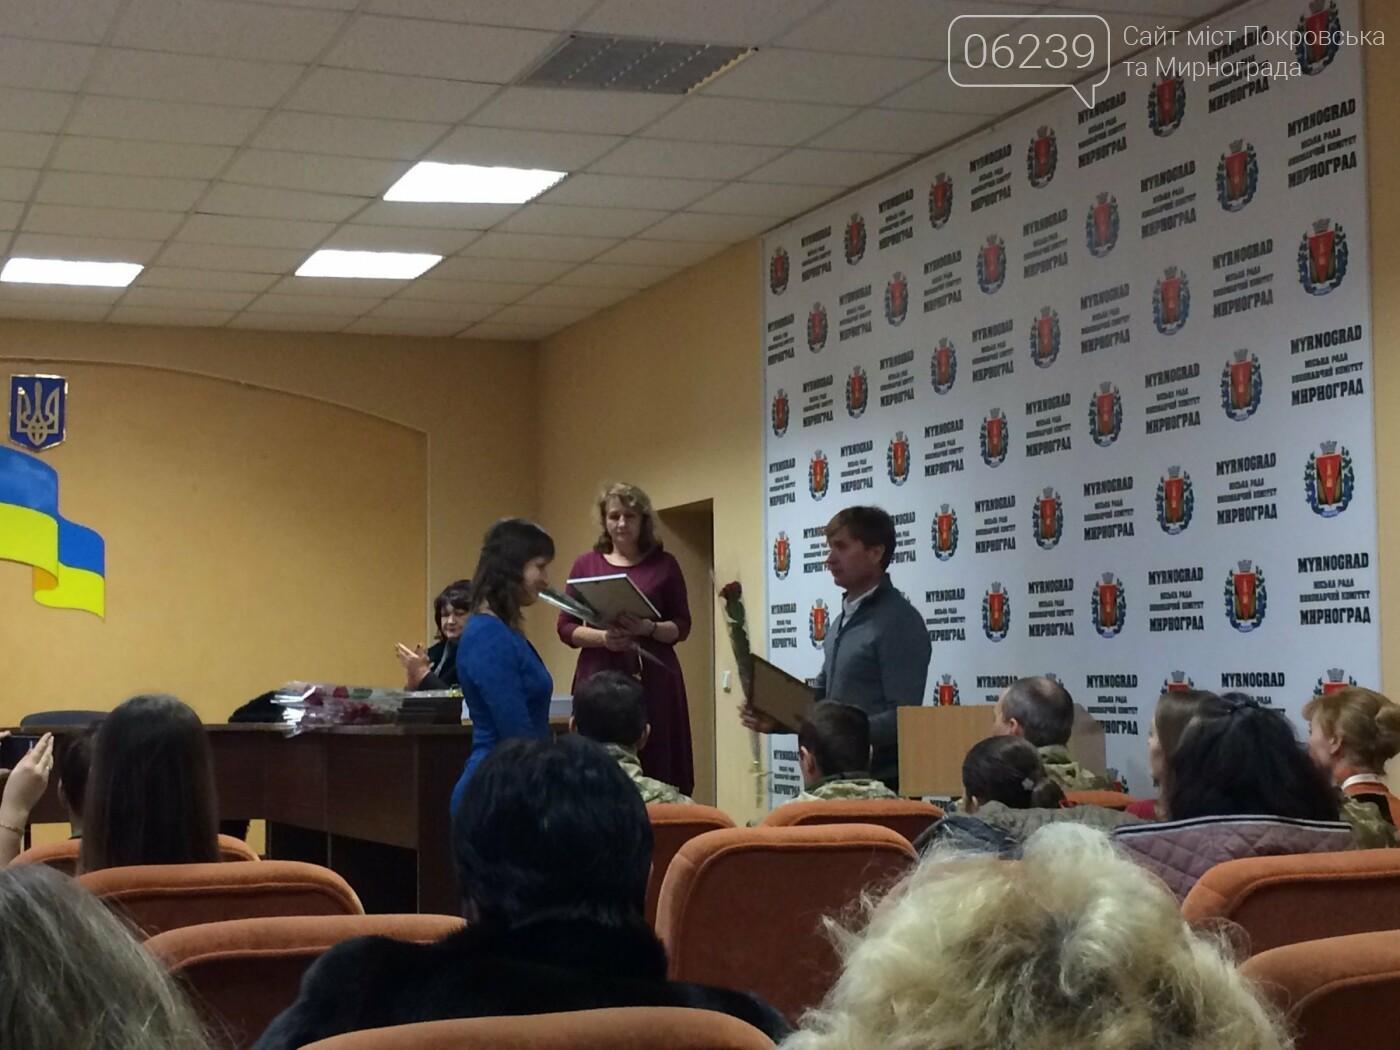 В Мирнограде на аппаратном совещании наградили воинов ВСУ, а также волонтеров , фото-2